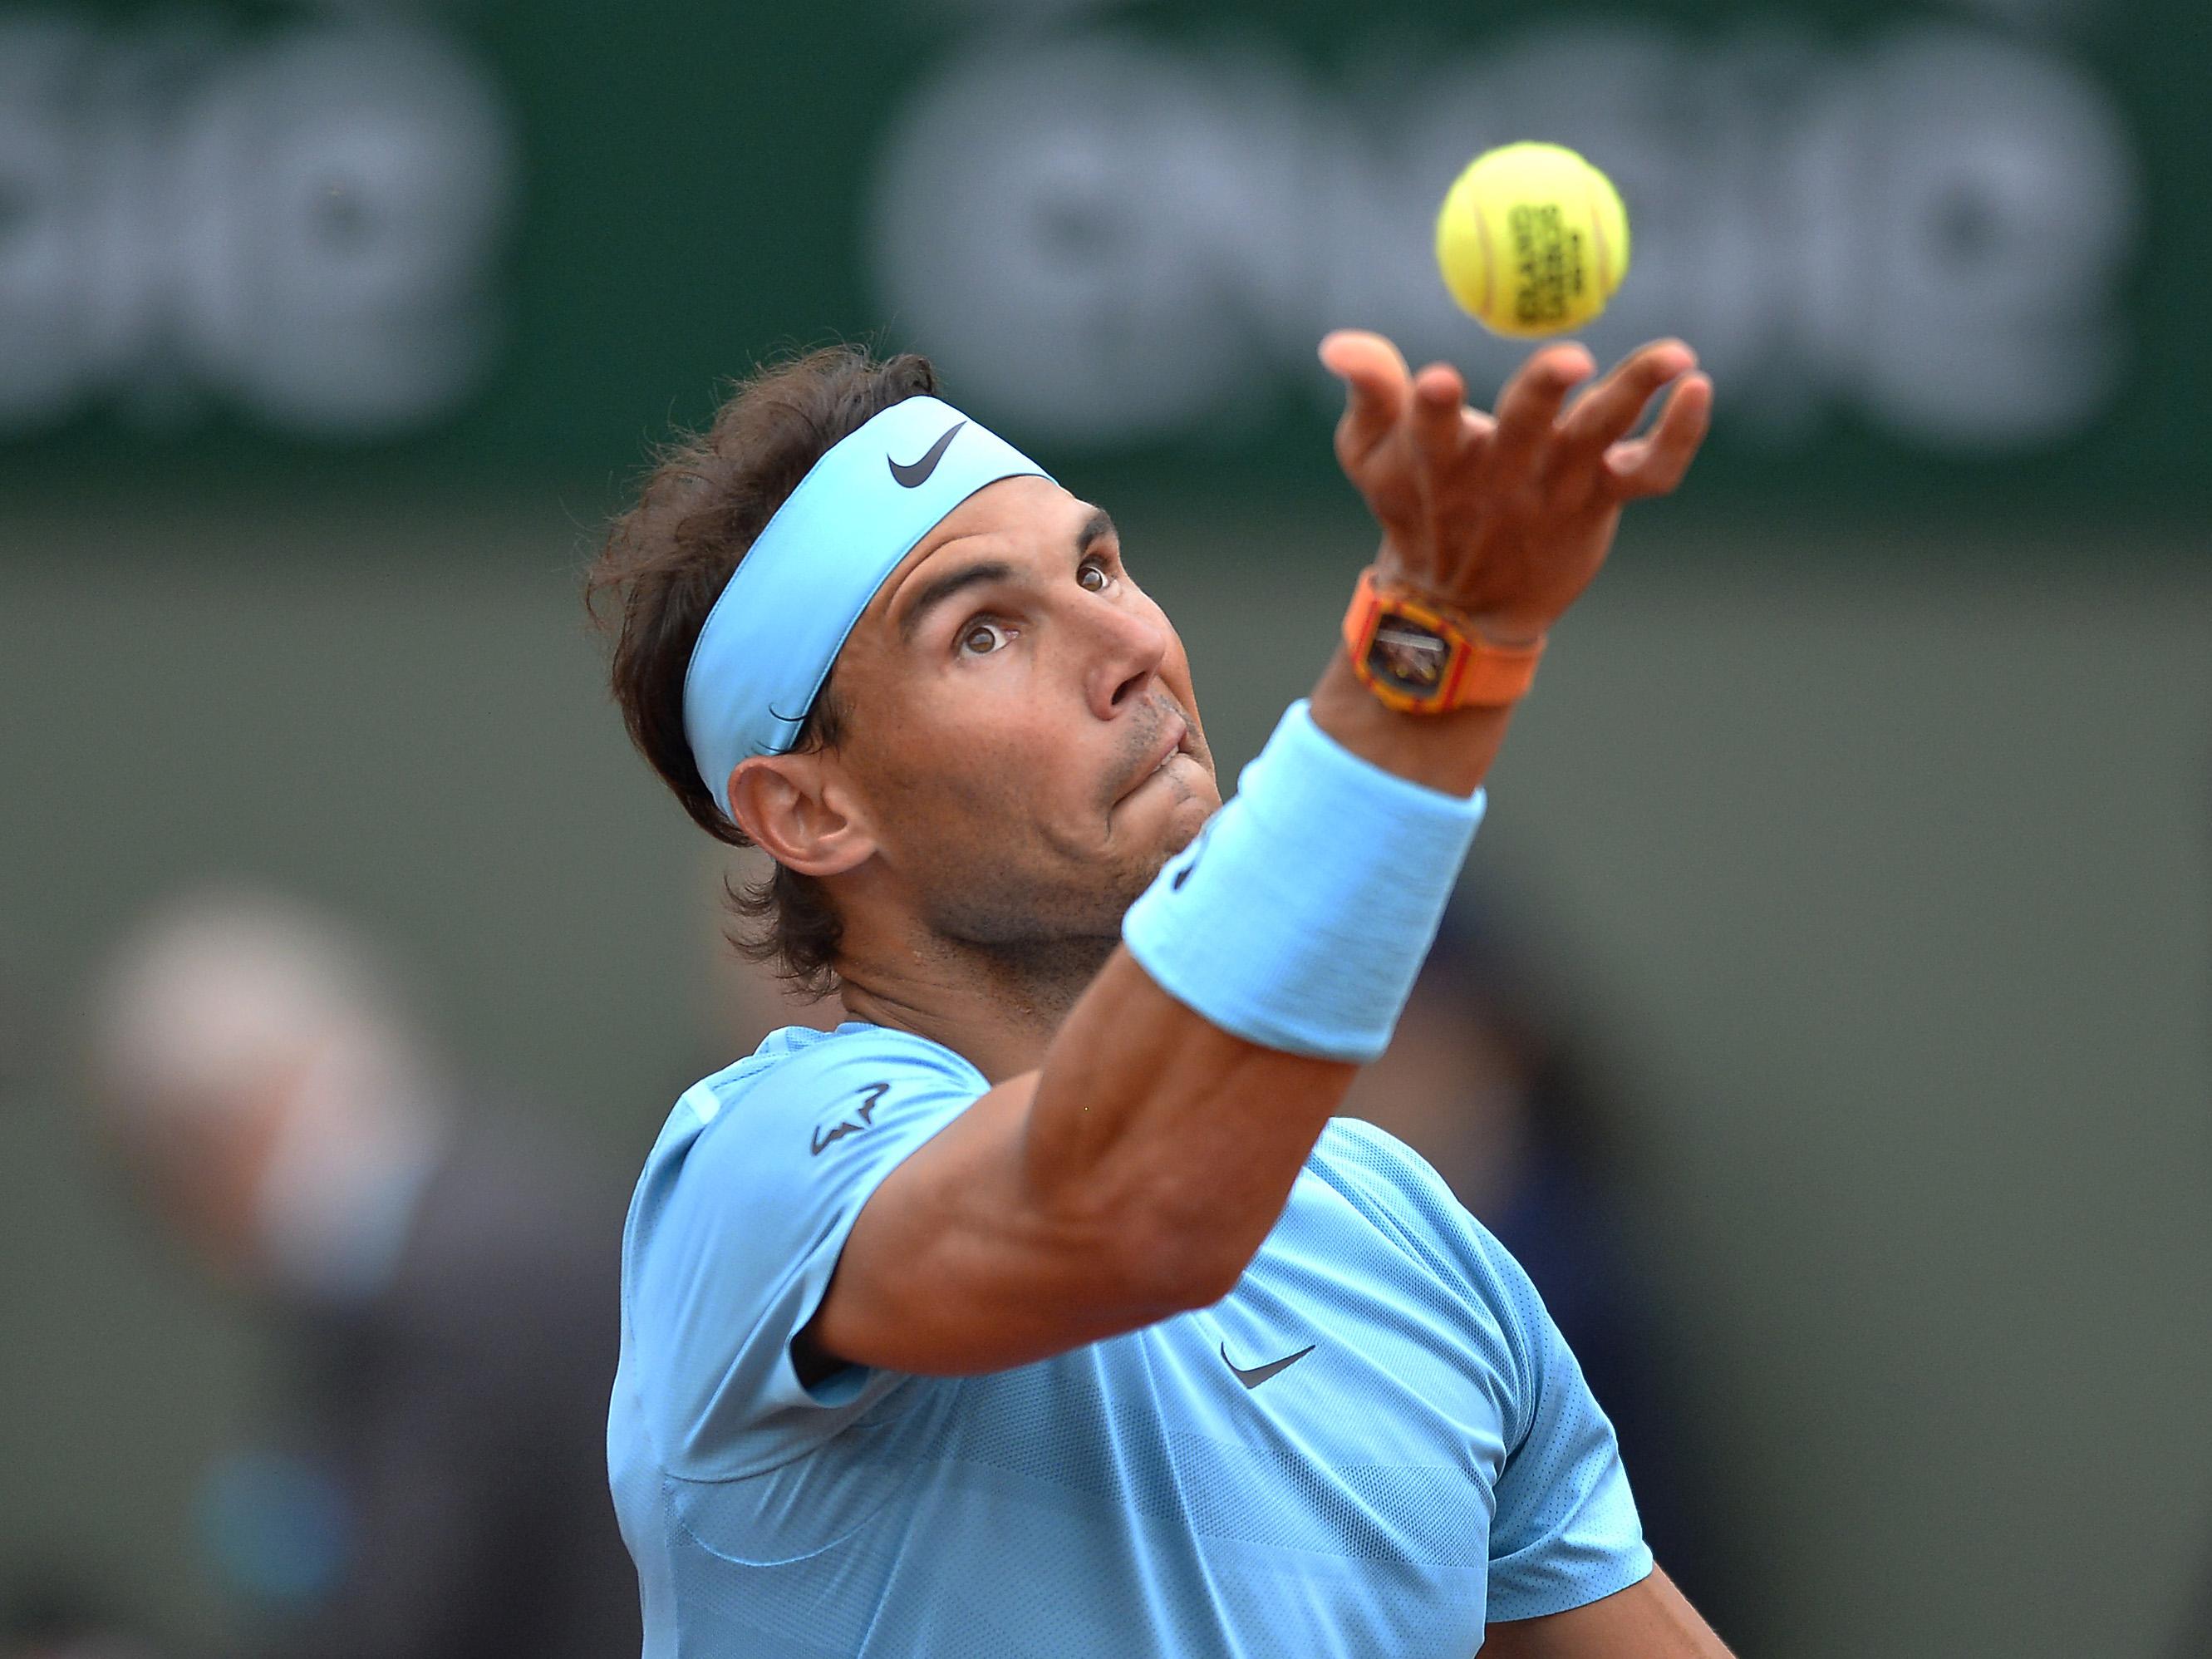 Fotografije poznatih tenisera - Page 3 Nadal1